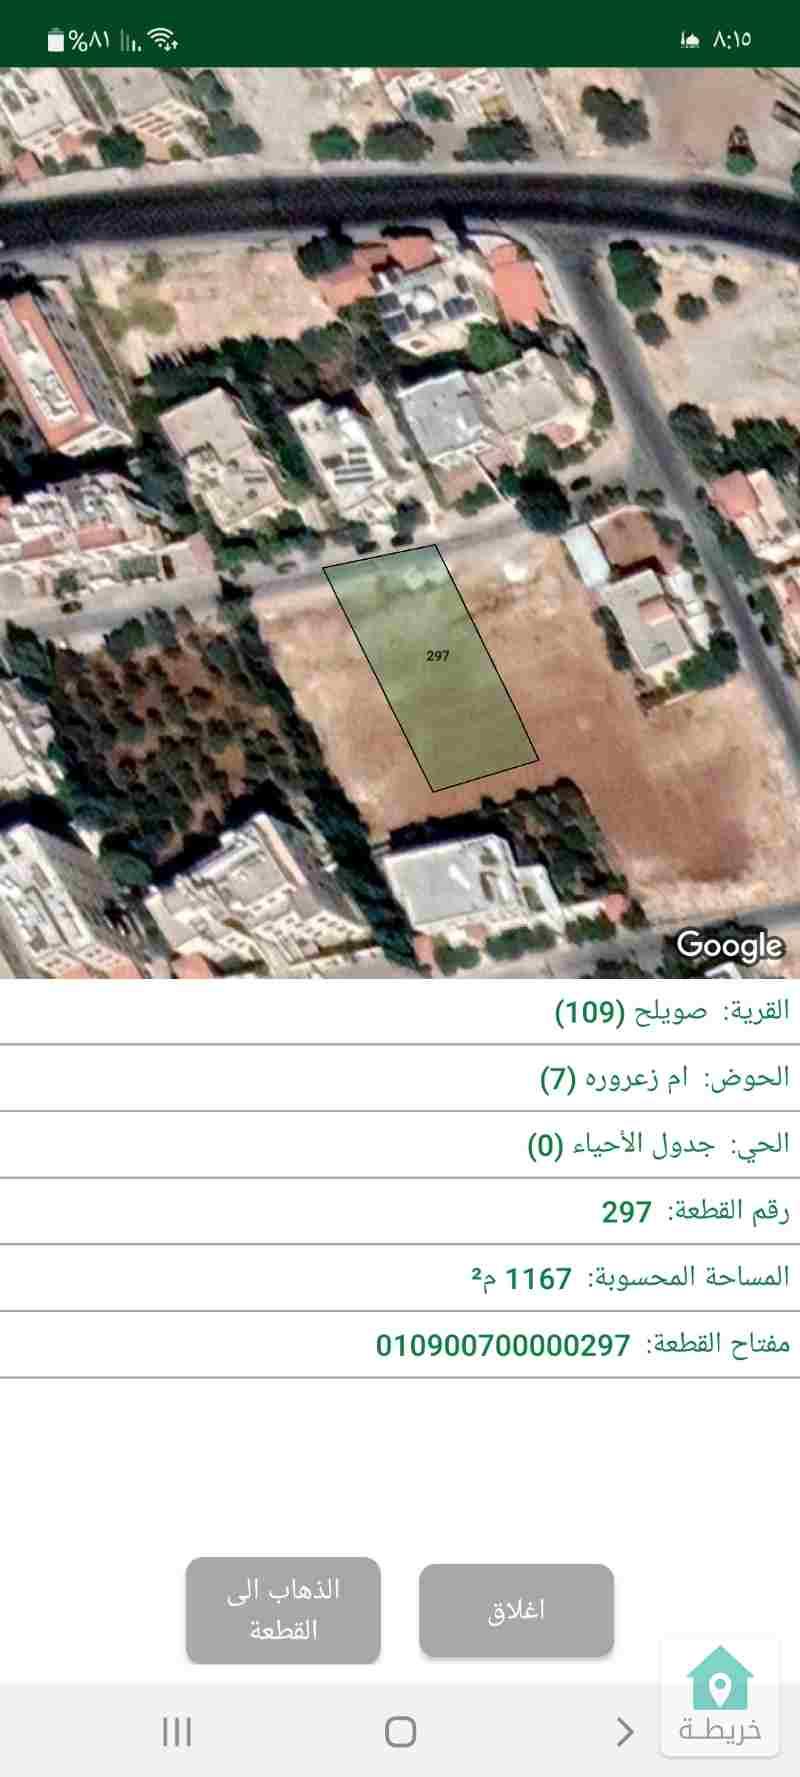 ارض للبيع صويلح حوض ام زعروره مساحة 1152 متر